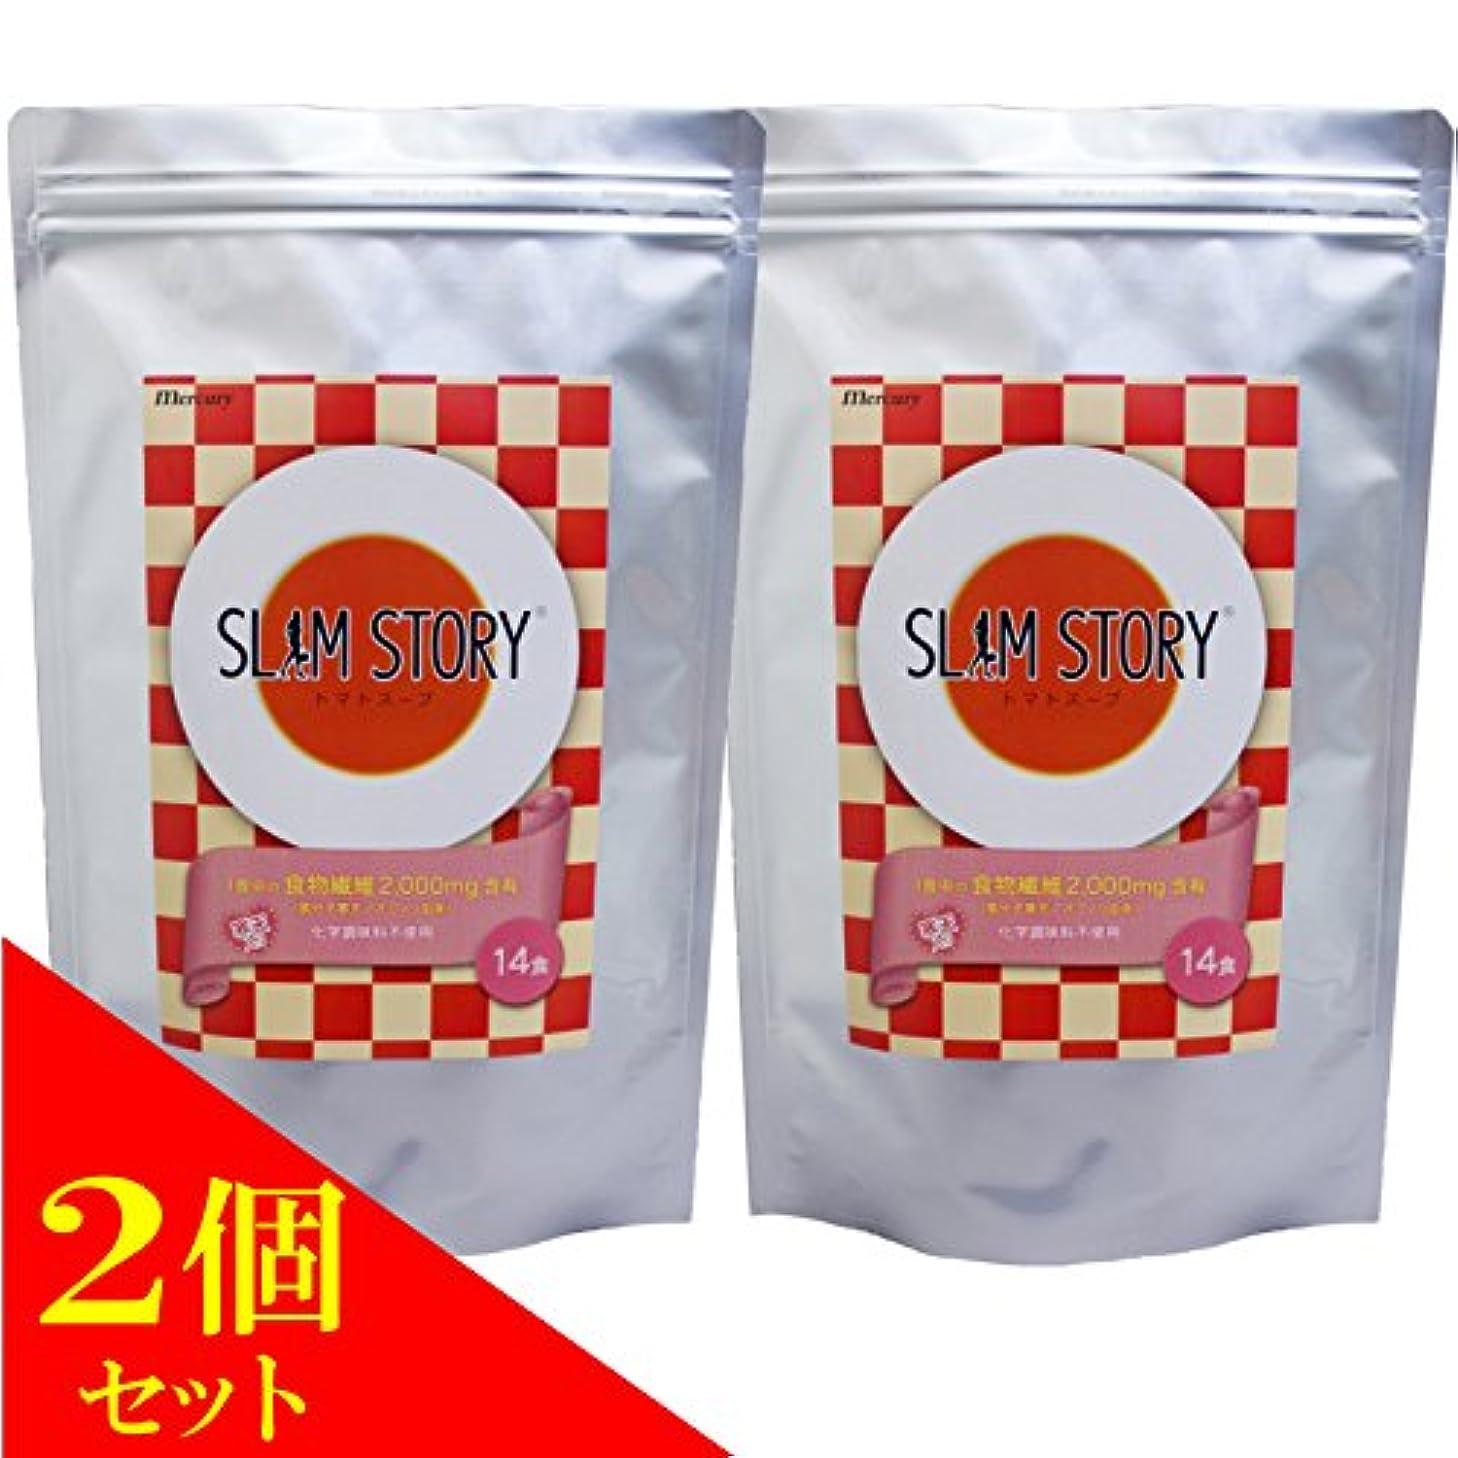 悪のあいまいな債務(2個) マーキュリー SLIM STORY トマトスープ 14食×2袋セット/化学調味料 不使用(4947041155022)